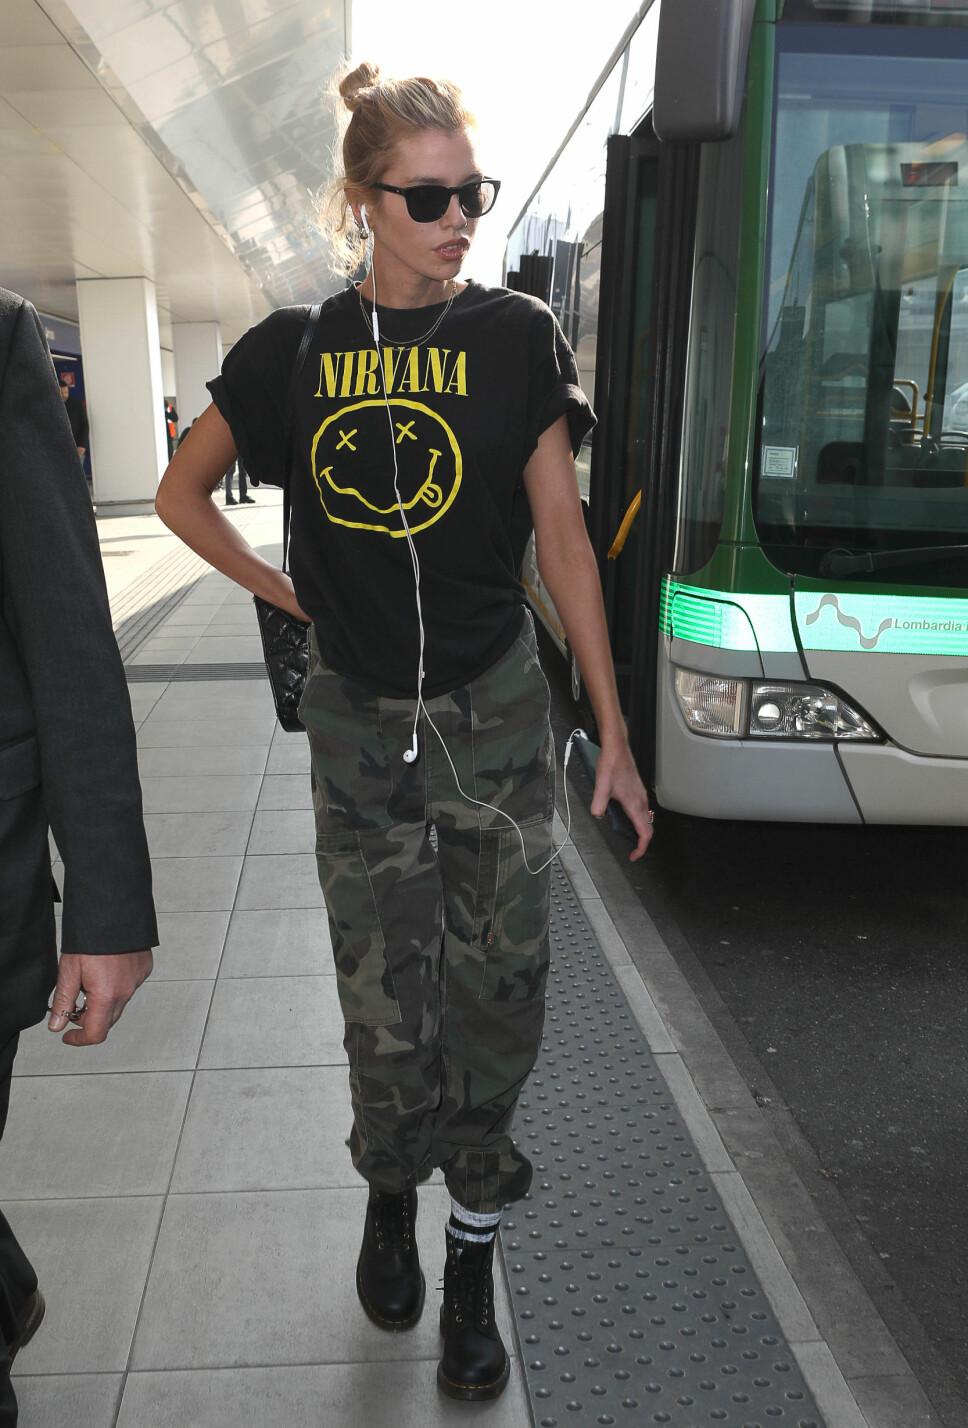 MILITÆR: Modell Stella Maxwell under moteuken i Milano i februar 2019 ikledd Nirvana-T-sjorte, militærbukser og Dr. Martens-boots i 2019.